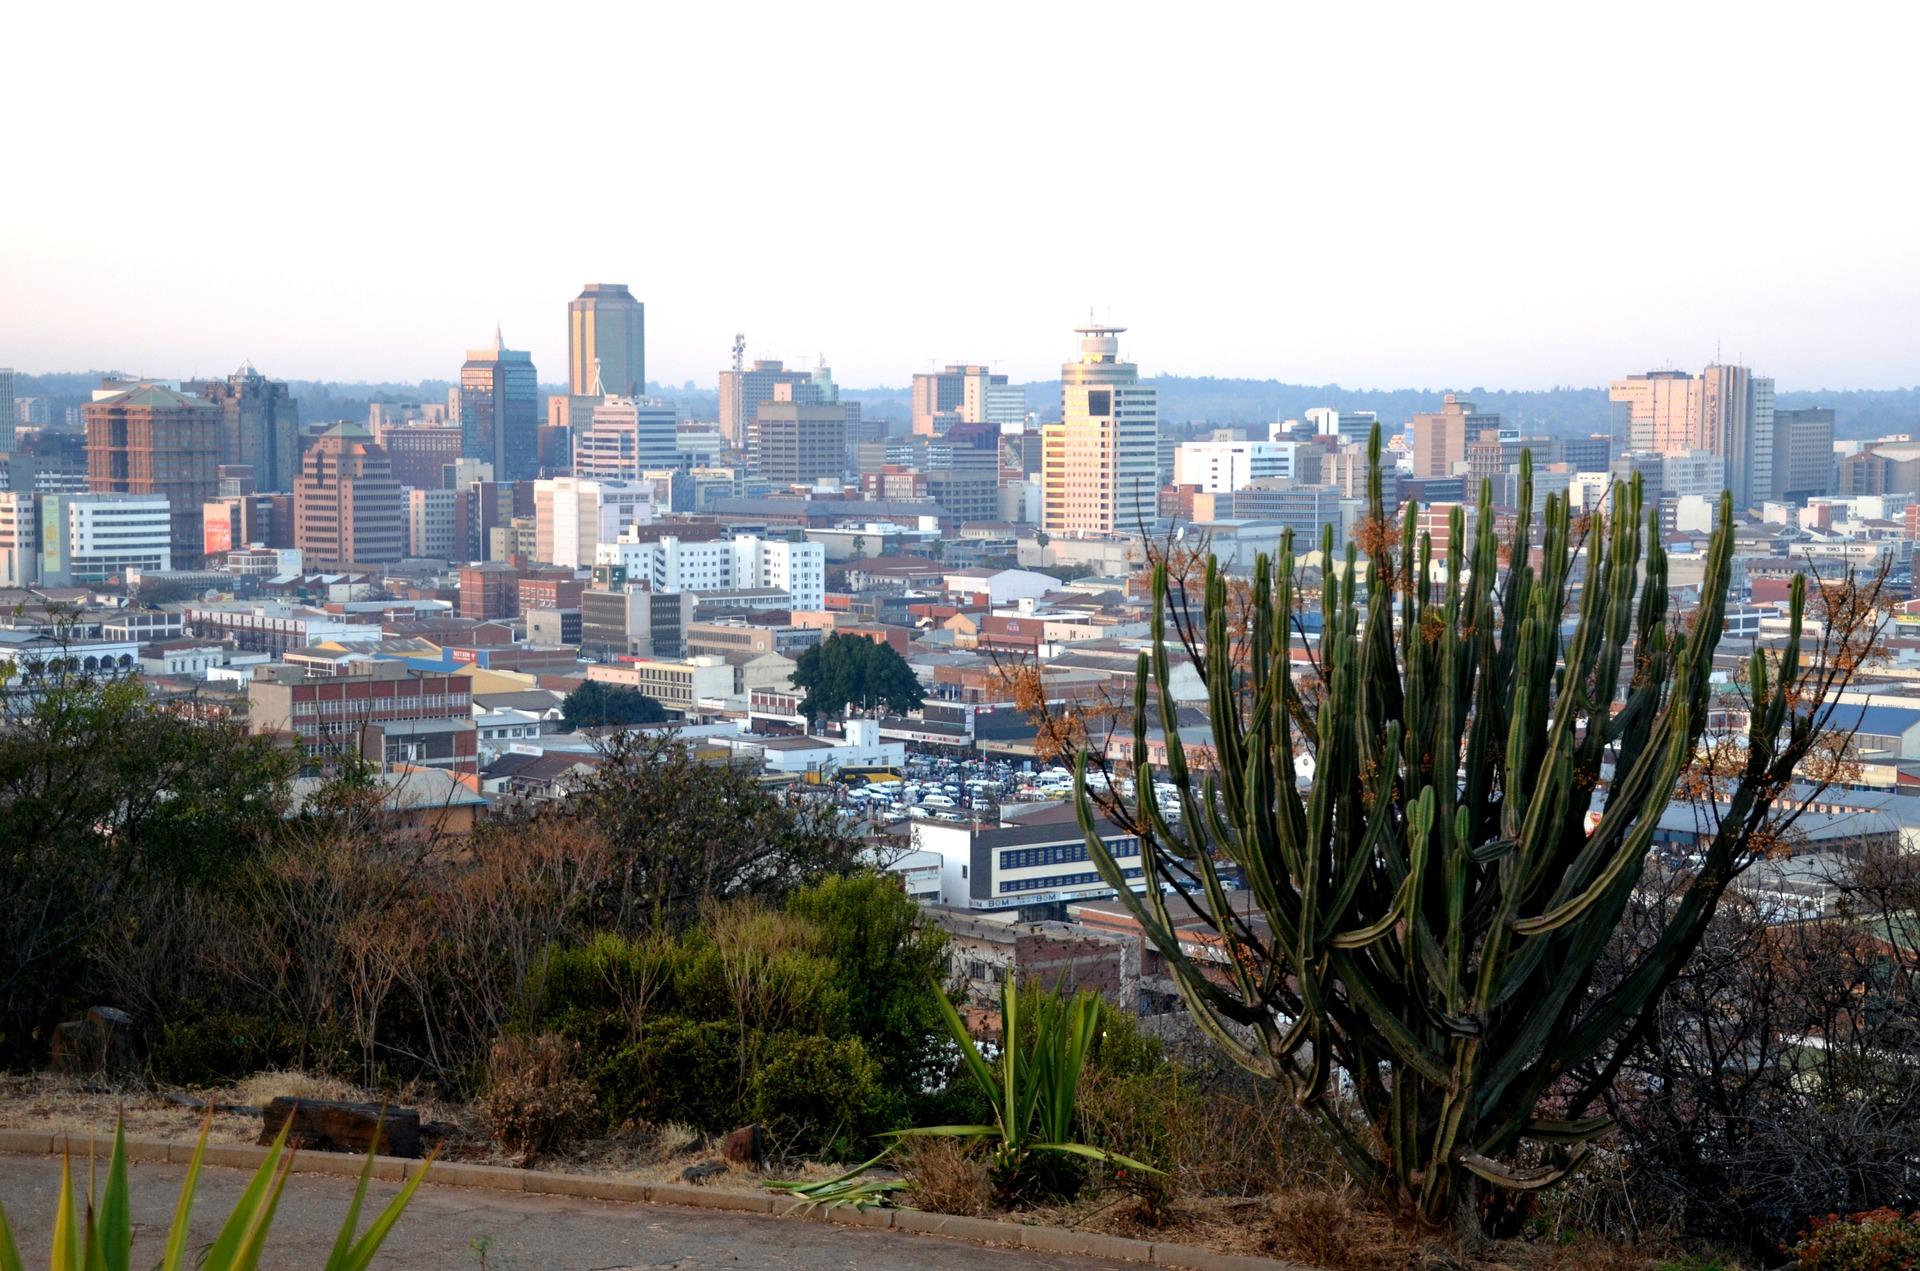 Χαράρε Ζιμπάμπουε (1996)